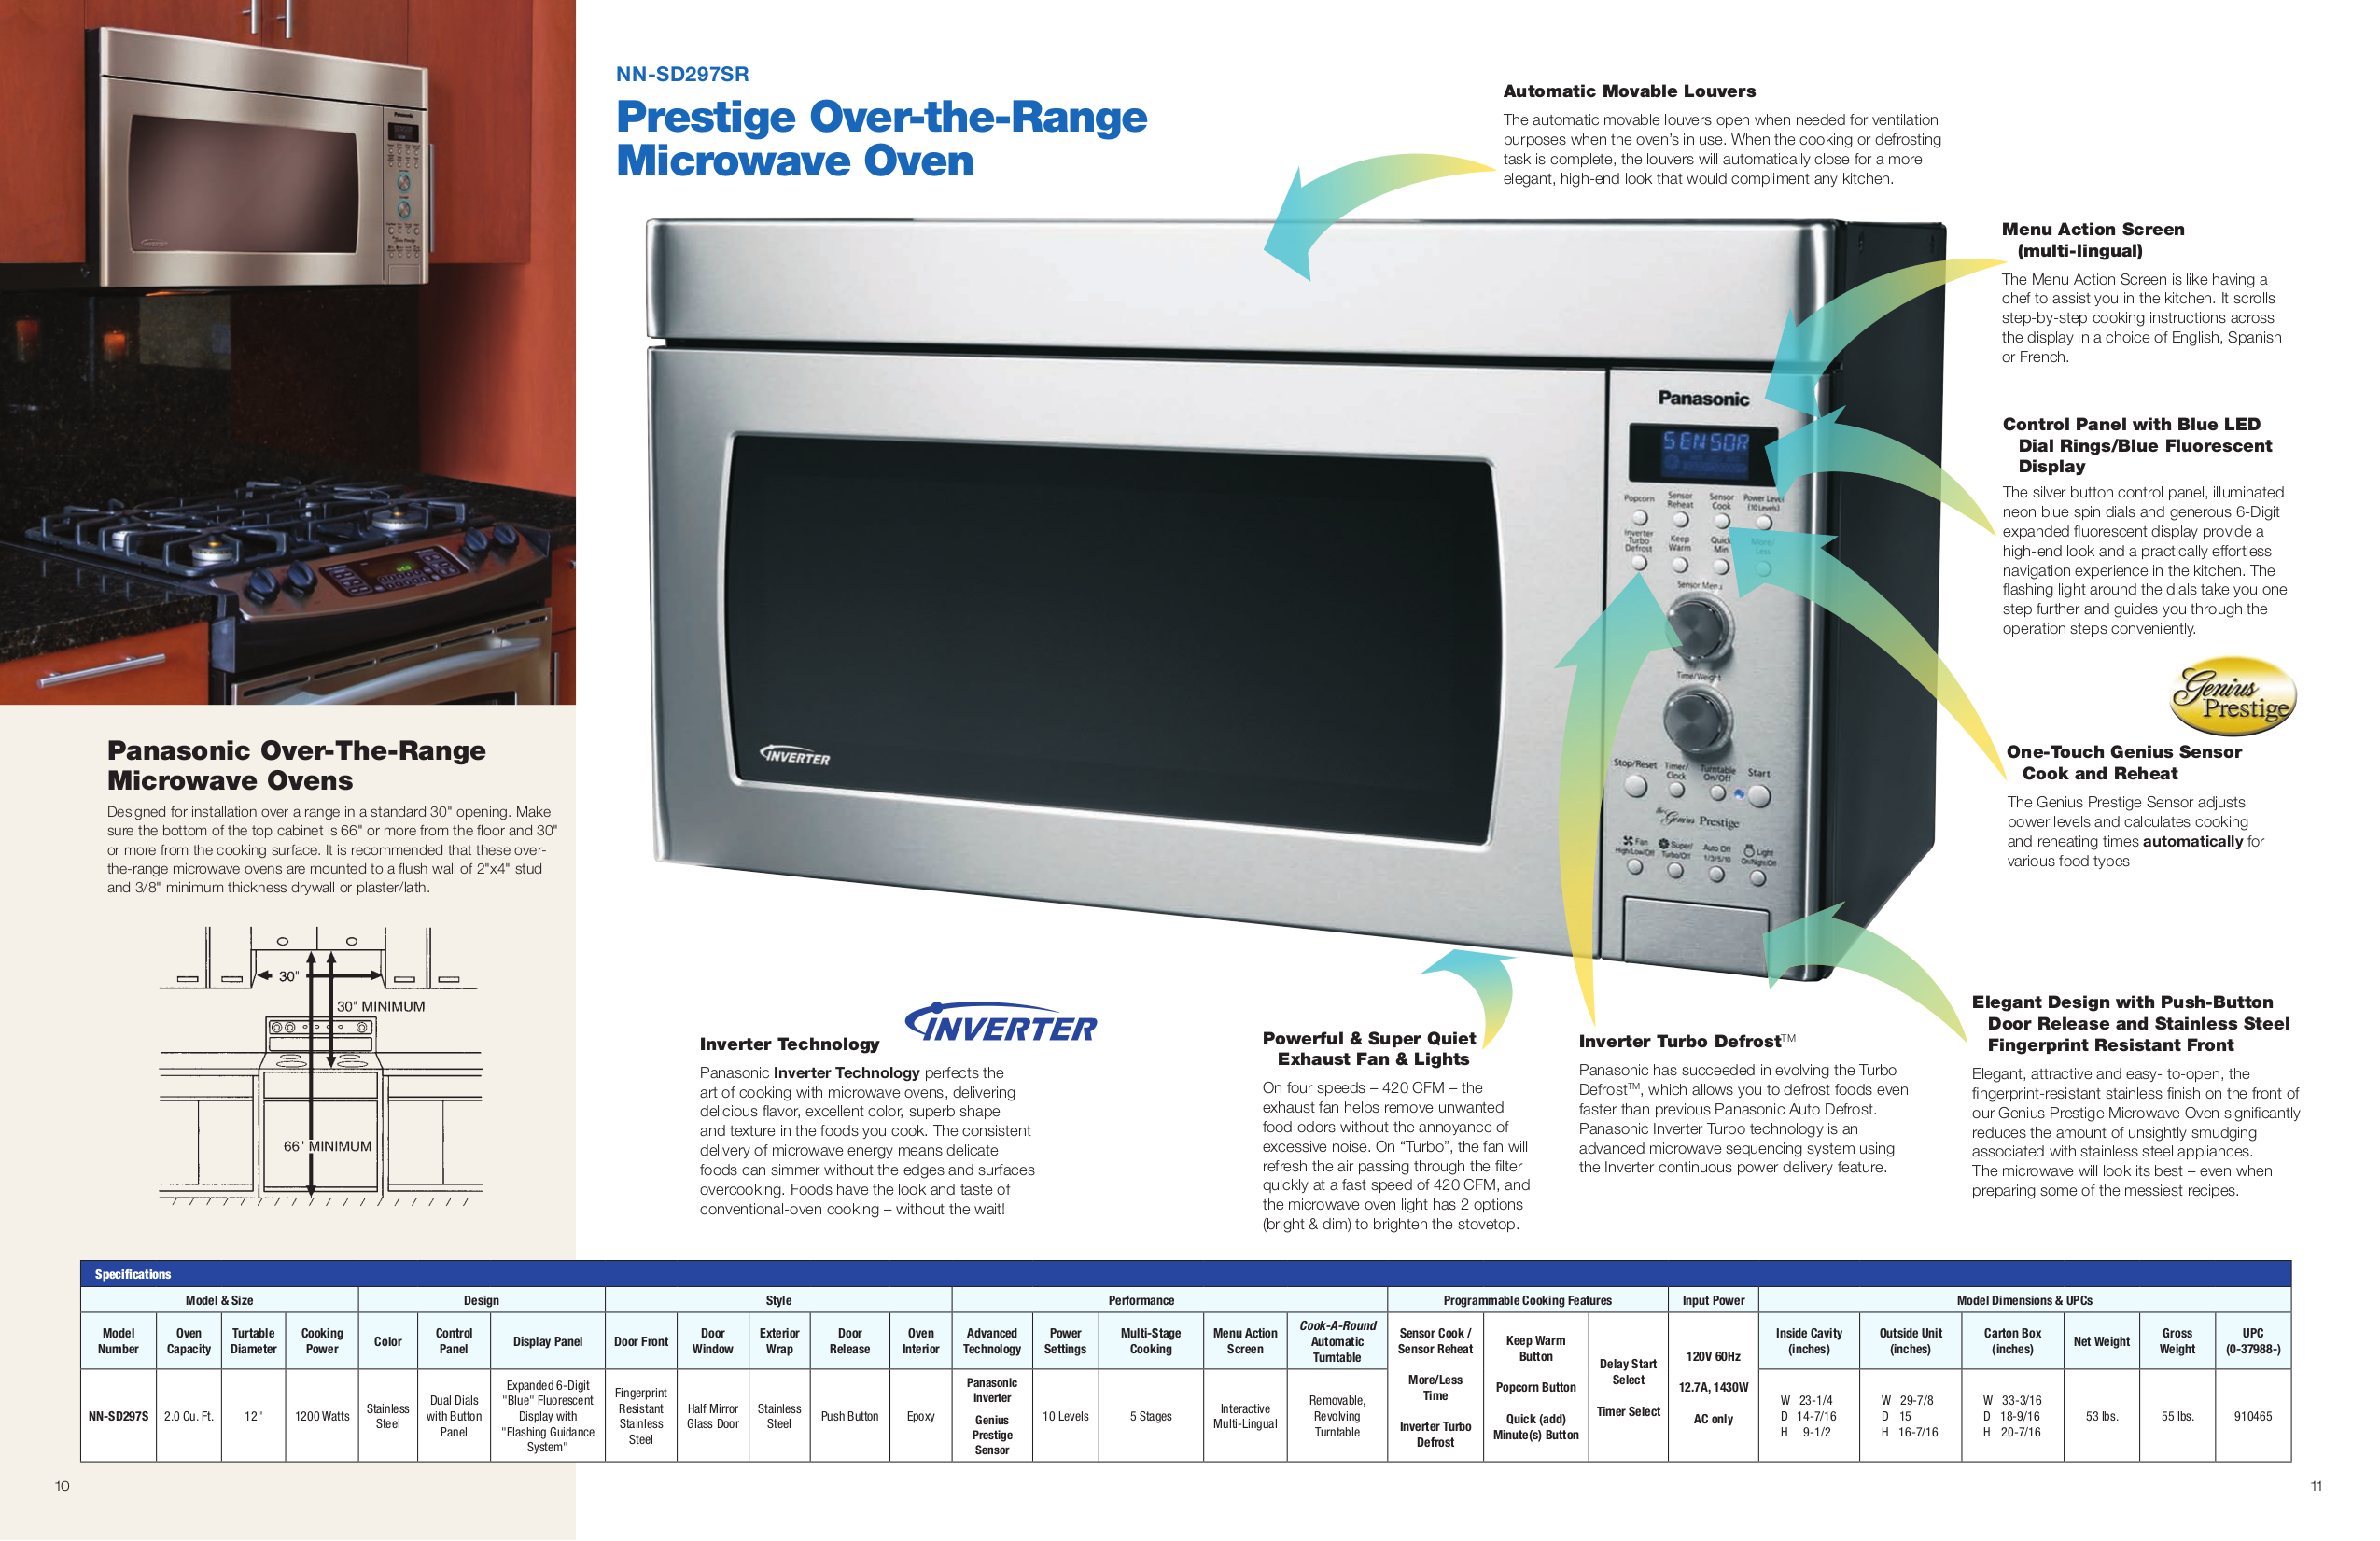 how to use panasonic microwave nn-st253w